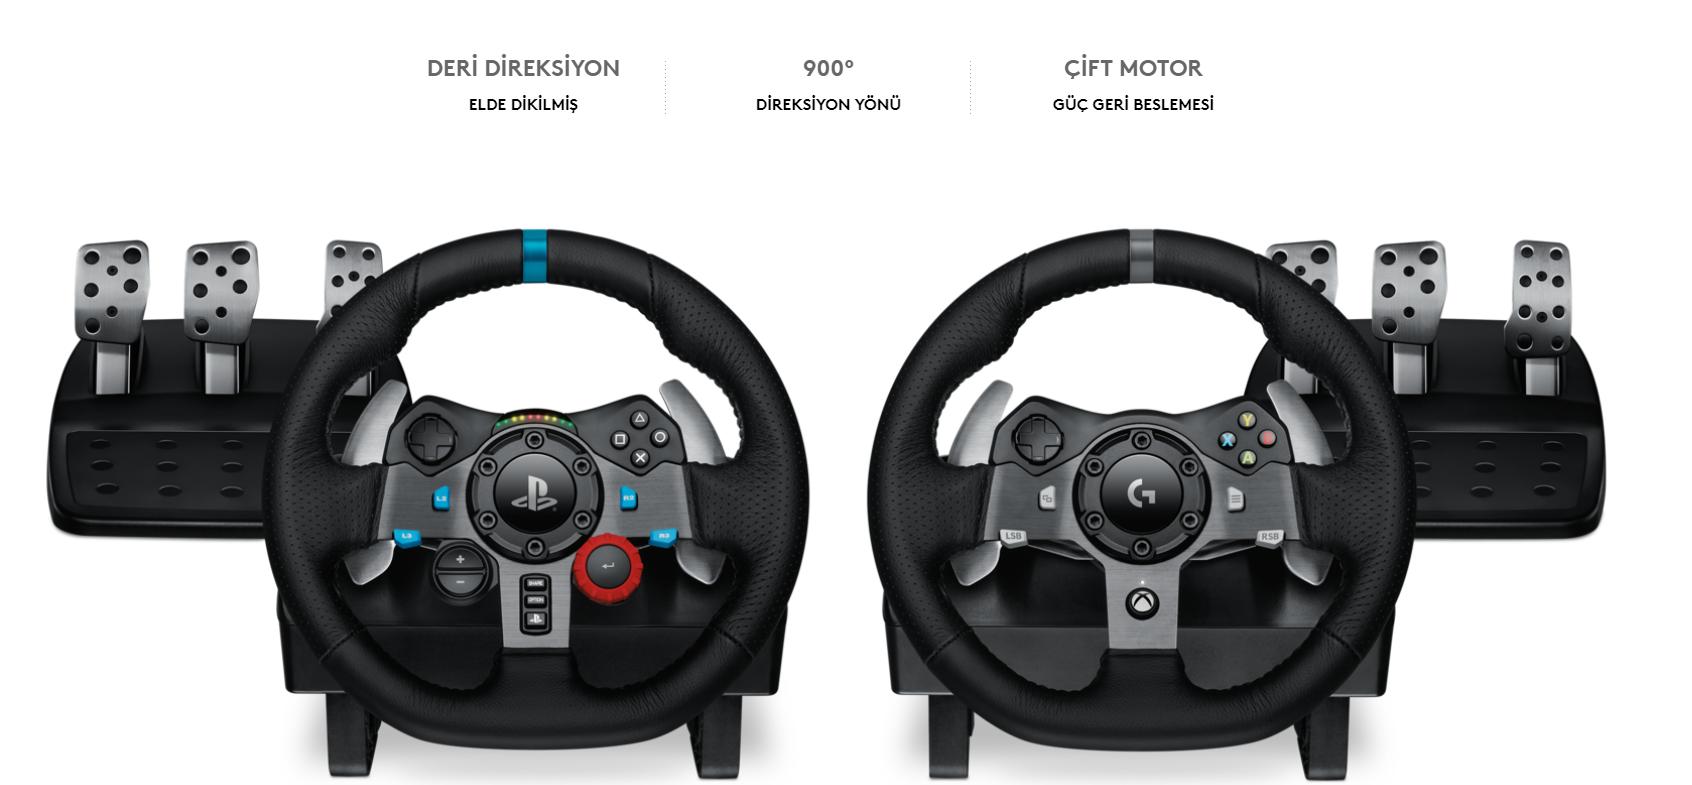 34adcb0ec6f Kusursuz sürüş deneyimi için üretilen Logitech G Driving Force, en yeni  yarış oyunlarını en yüksek düzeye taşıyor. Süper aracınızın direksiyonuna  ...